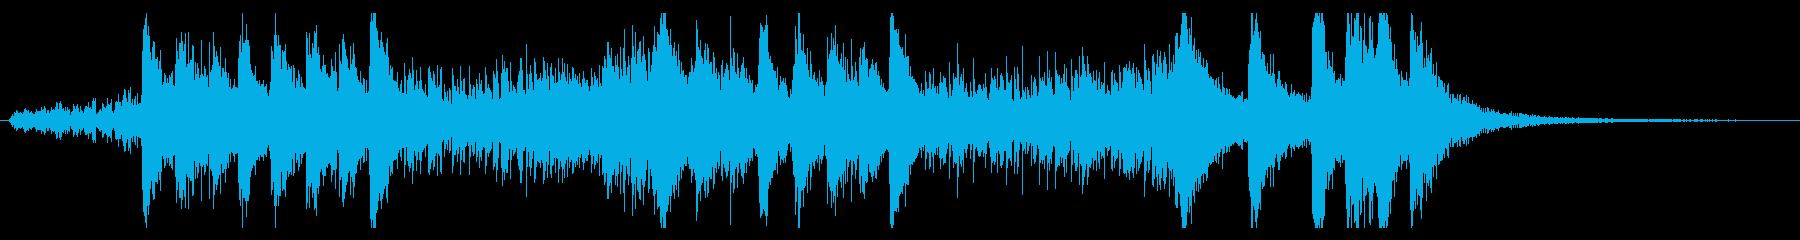 せわしなく賑やかなBGMの再生済みの波形